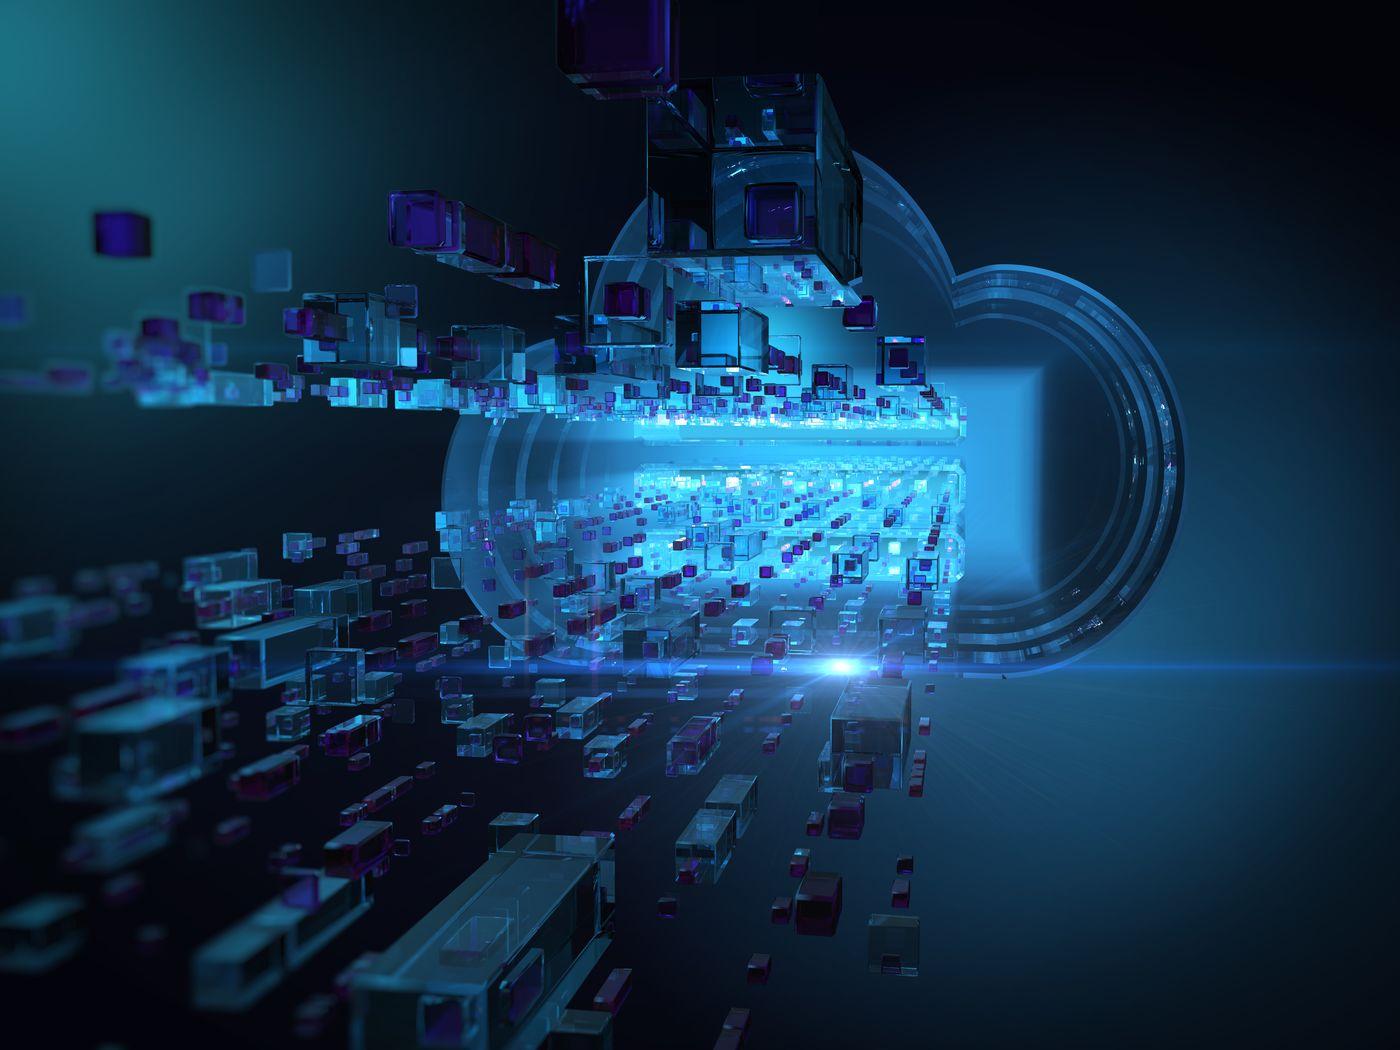 Семинары IBM: весна-лето 2019 — искусственный интеллект, разработка в облаке, чат-боты, блокчейн и прочие технологии - 1